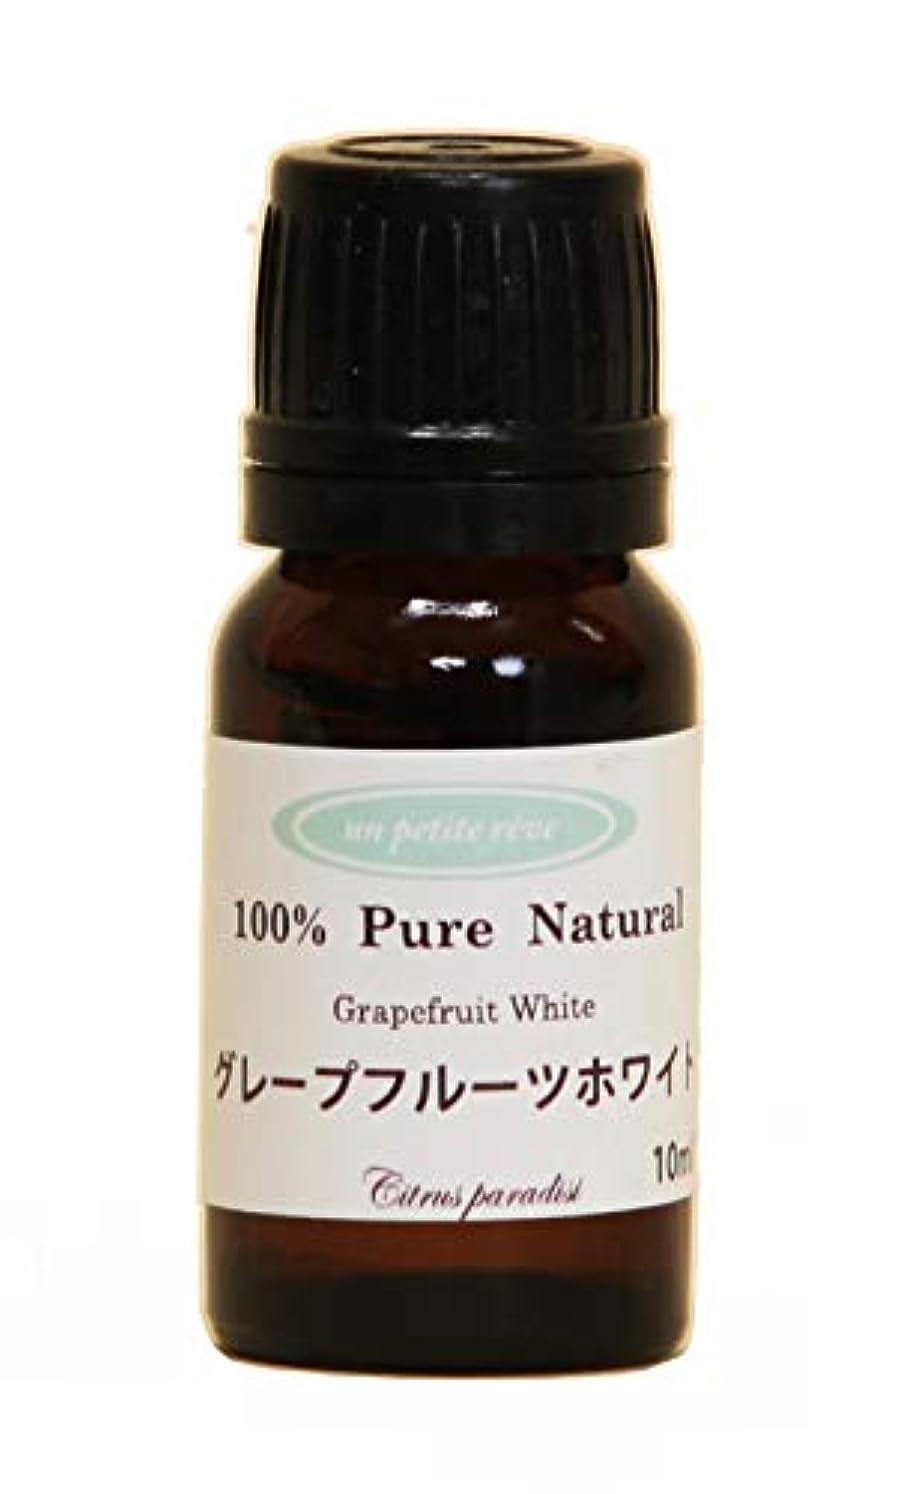 バイバイ毒偽物グレープフルーツホワイト 10ml 100%天然アロマエッセンシャルオイル(精油)